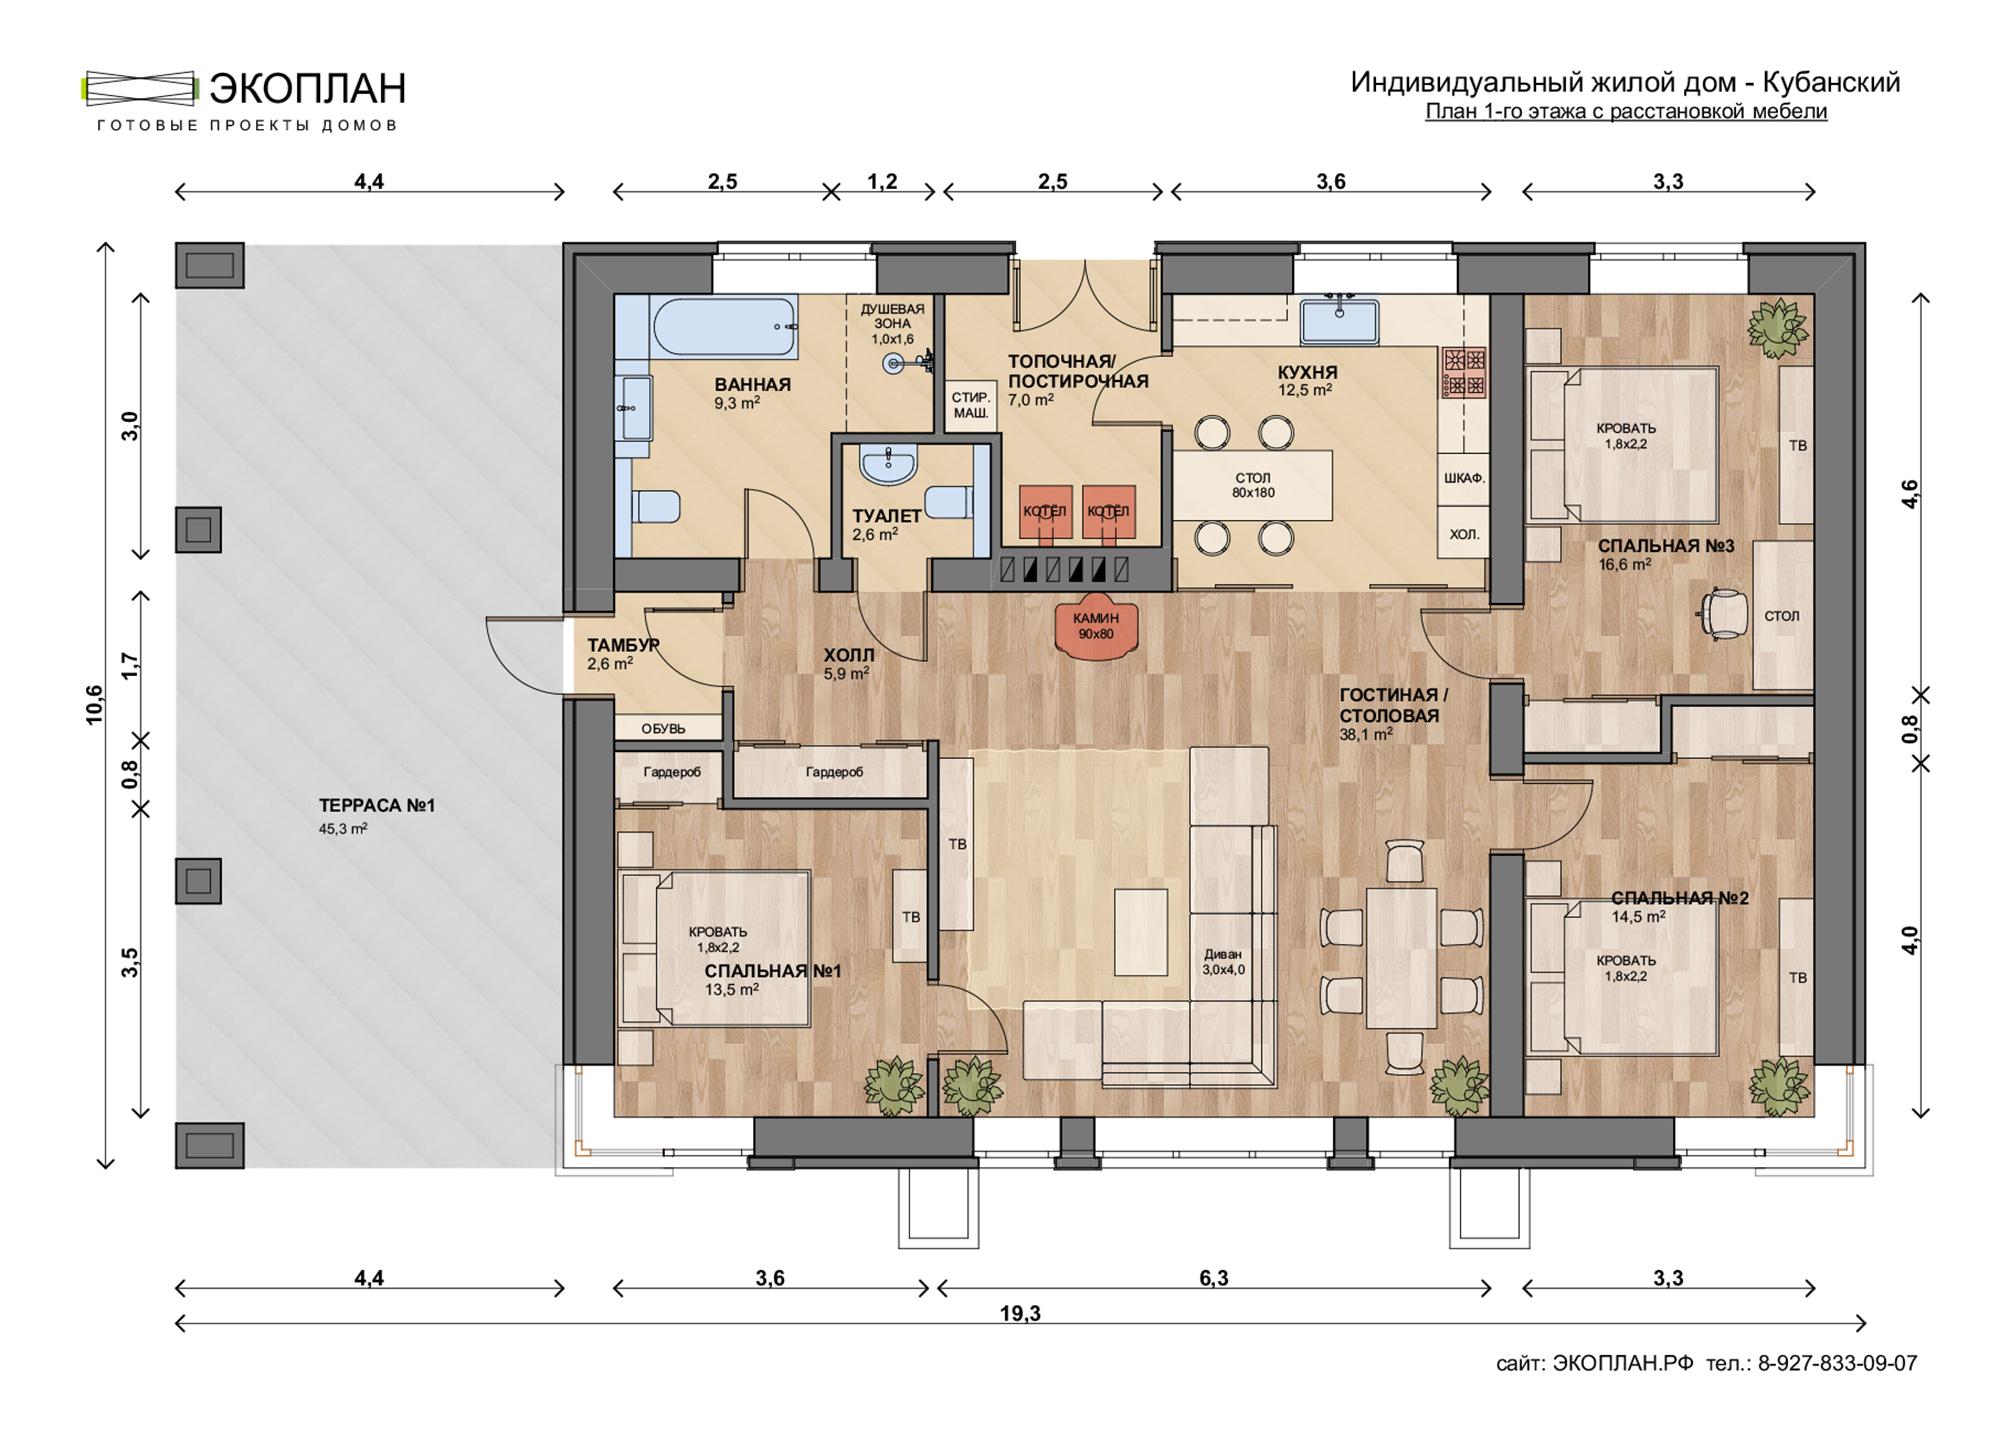 Готовый проект дома - Сочинский - Ульяновск план